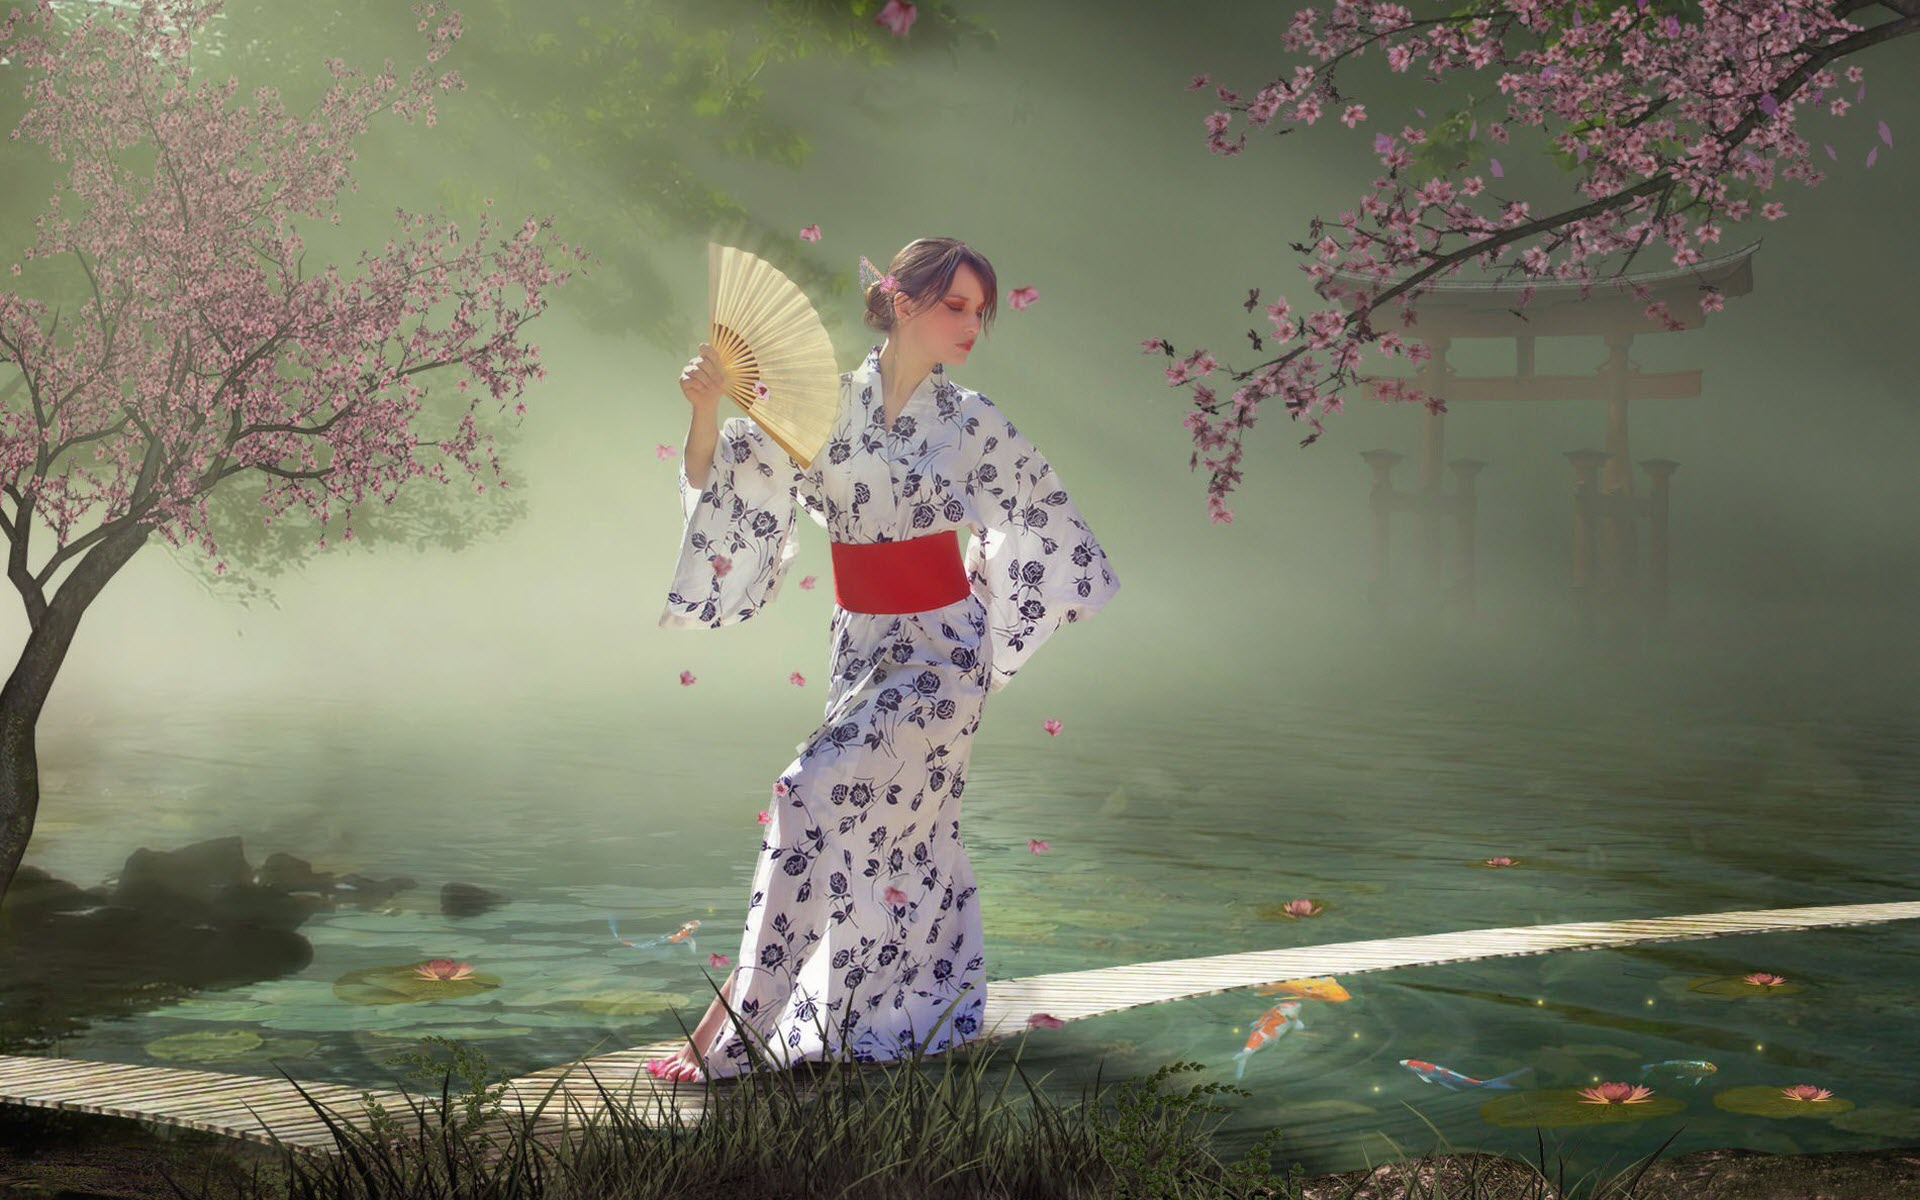 Девушка цветение сад бесплатно